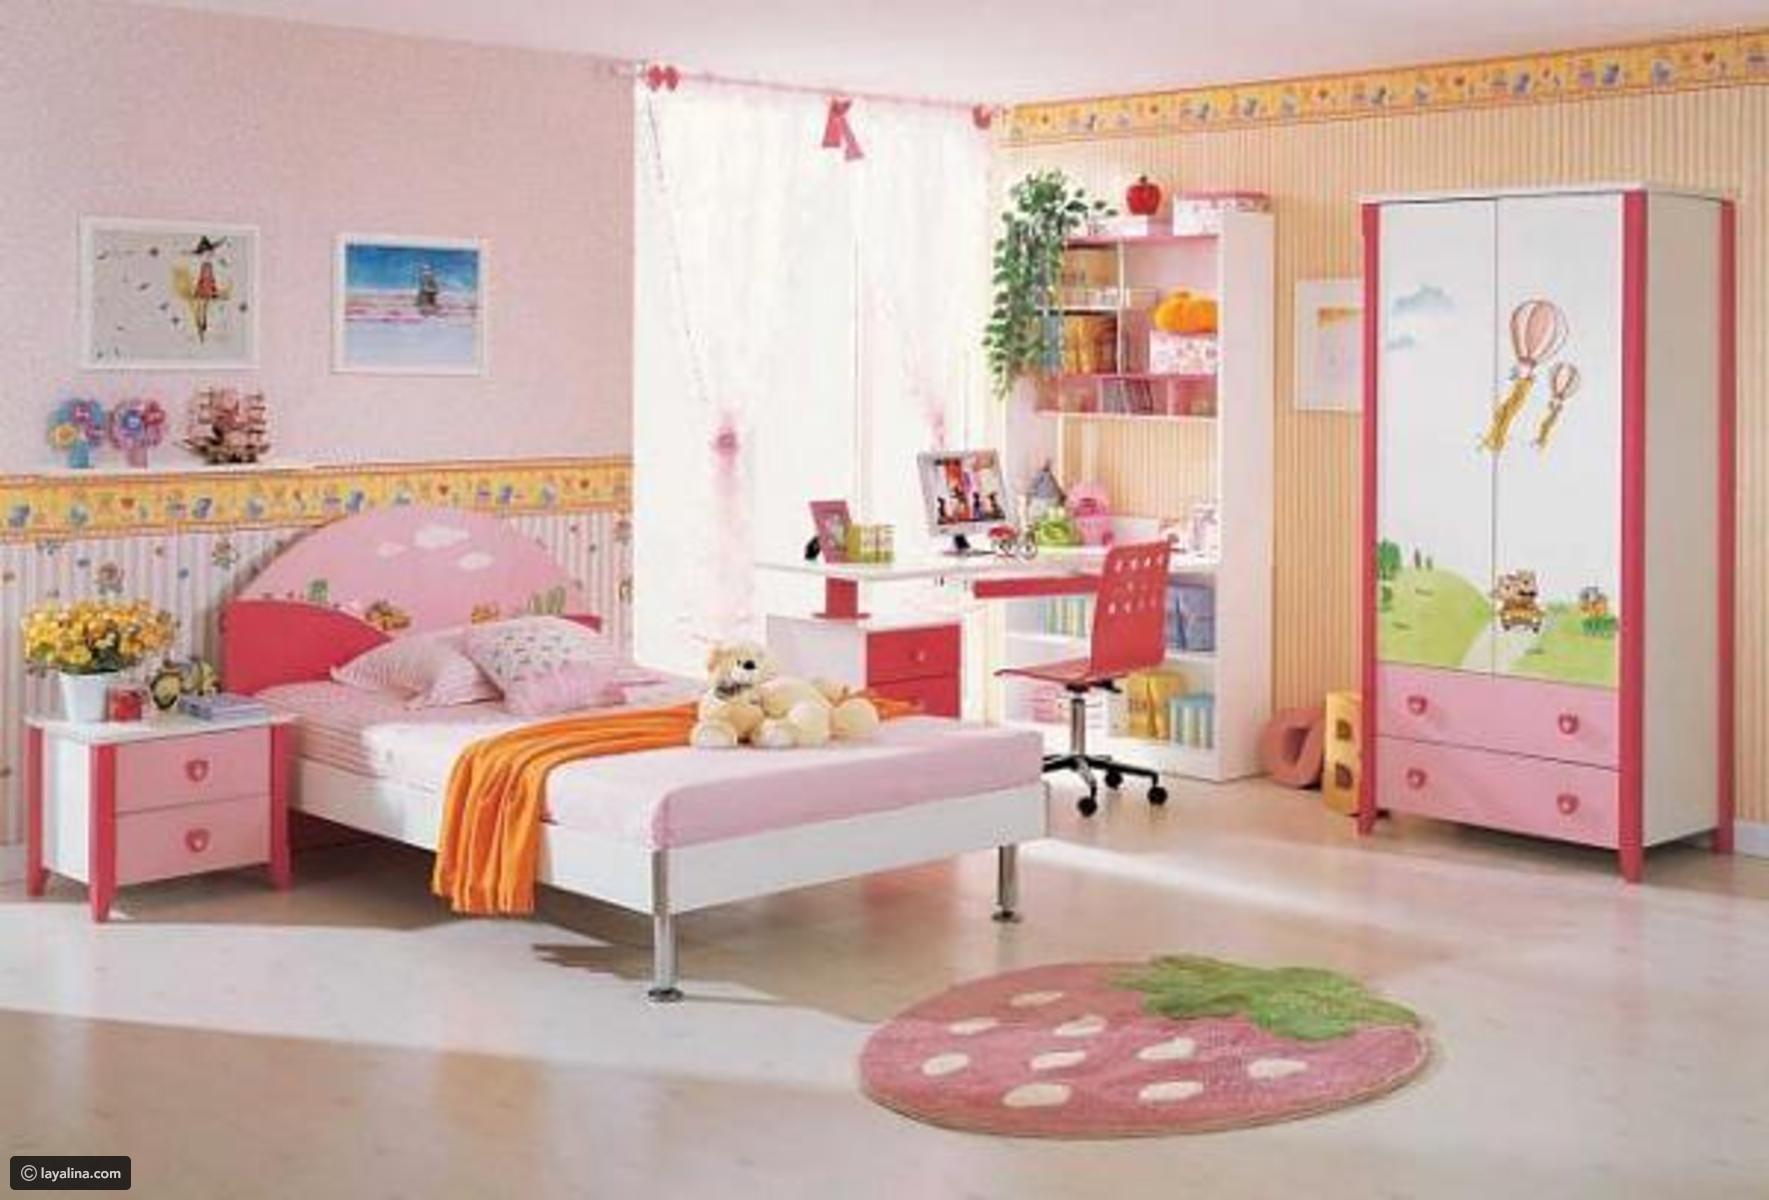 بالصور صور غرف بنات , اجمل ديكورات غرف البنات 3252 6